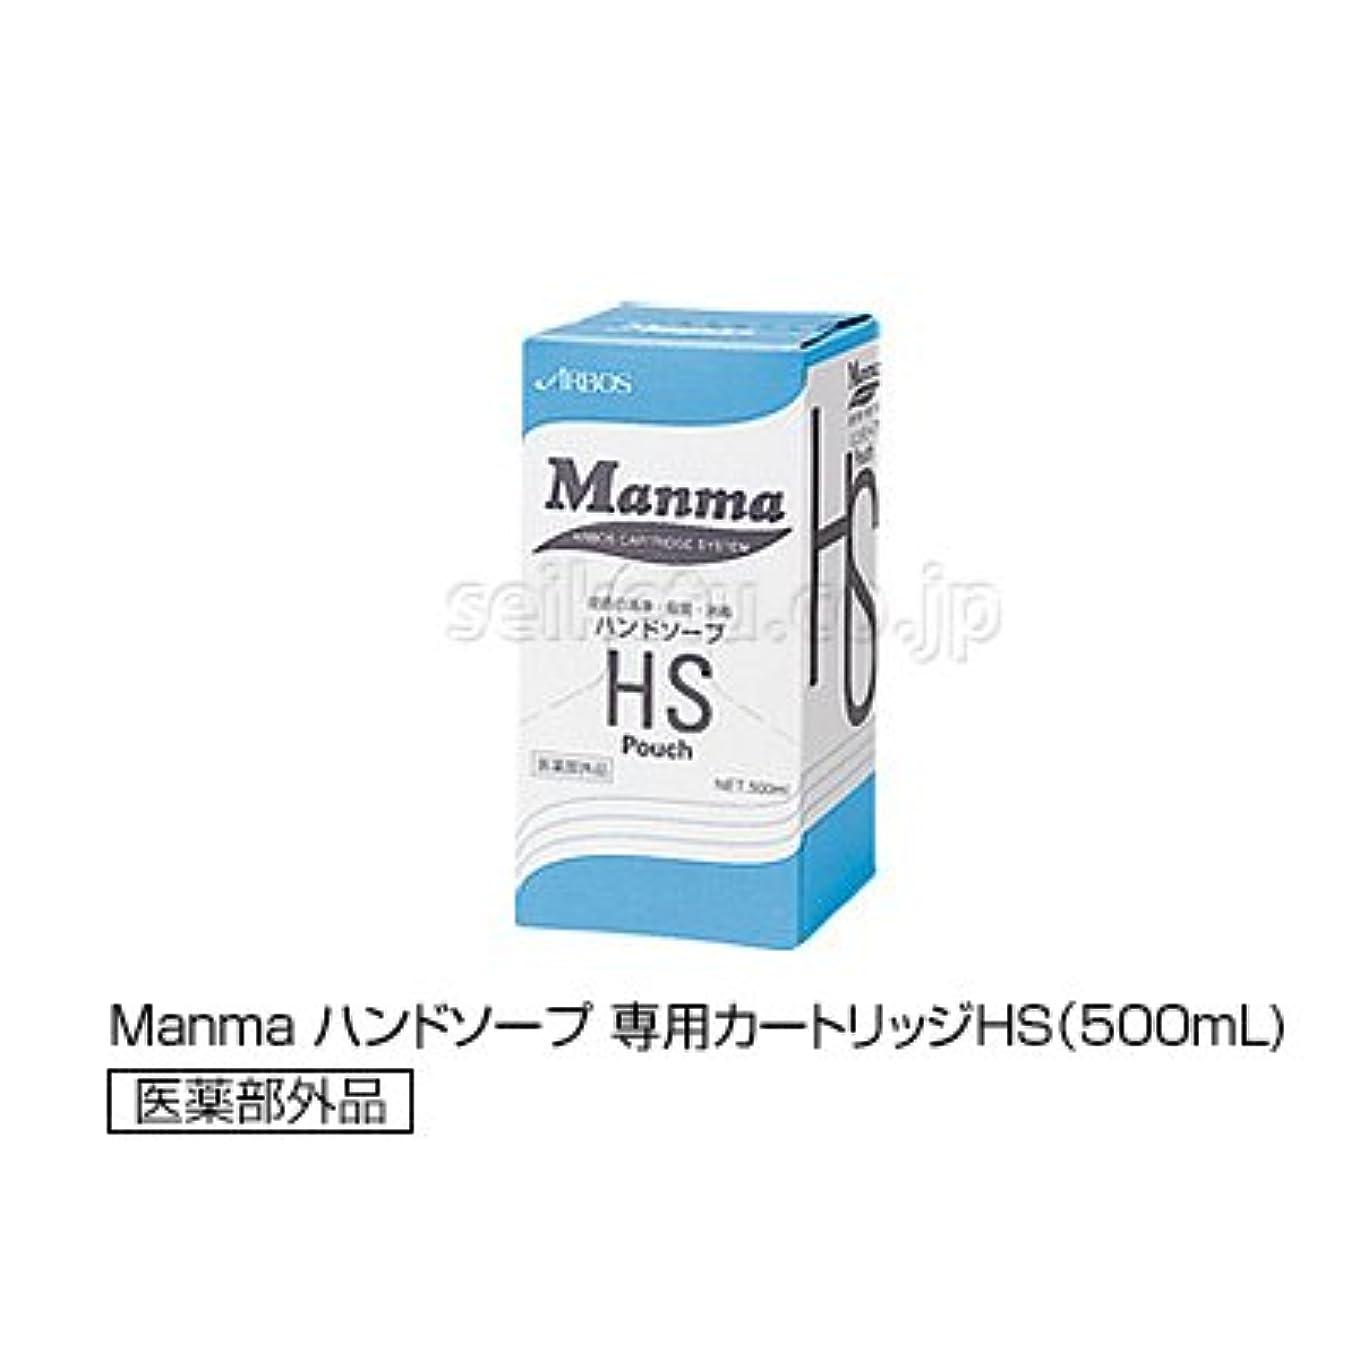 治世受信消費Manma ハンドソープ 専用カートリッジ/専用カートリッジHS(500mL)【清潔キレイ館】